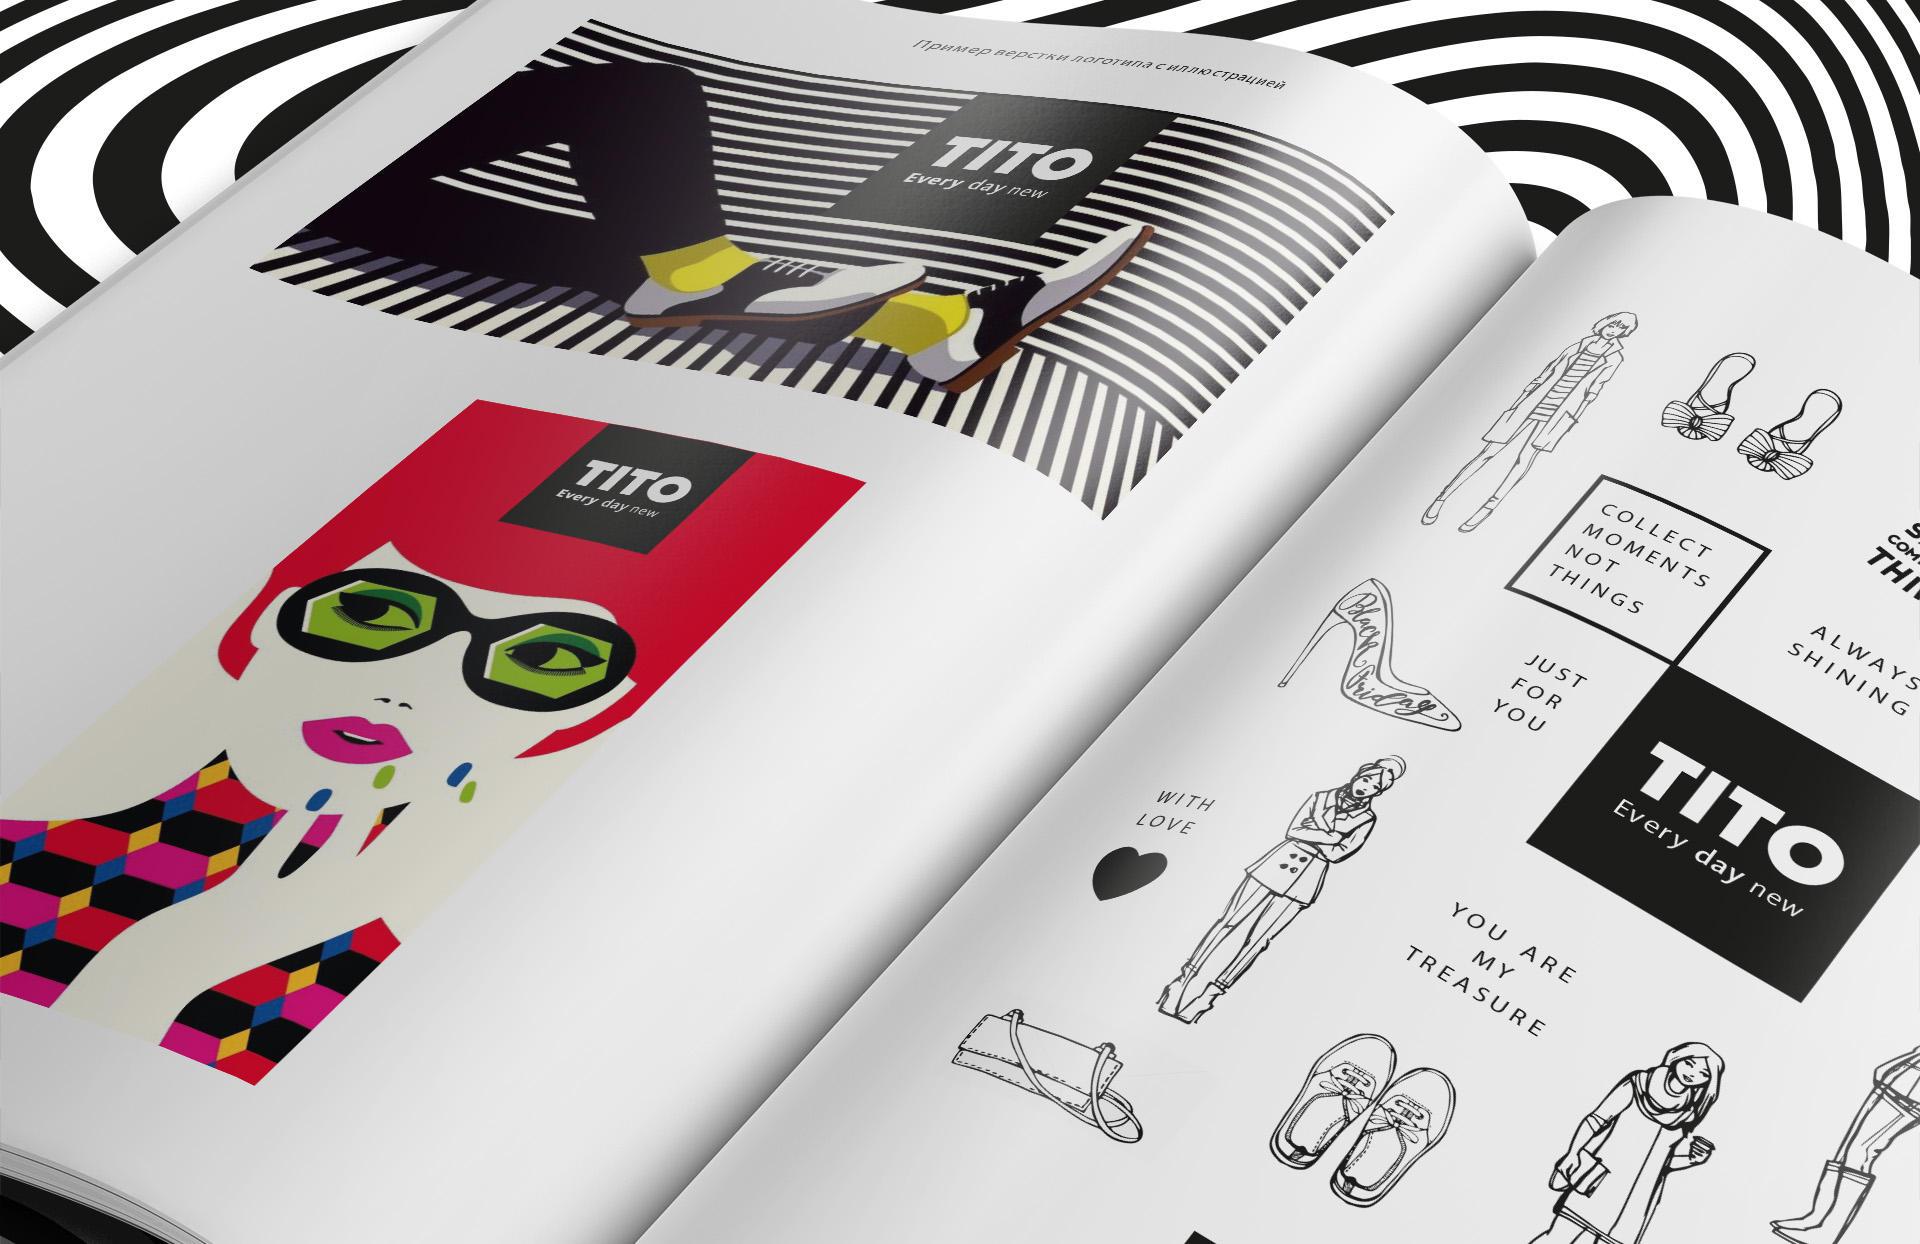 Clothing brand brandbook, Брендбук для бренда одежды